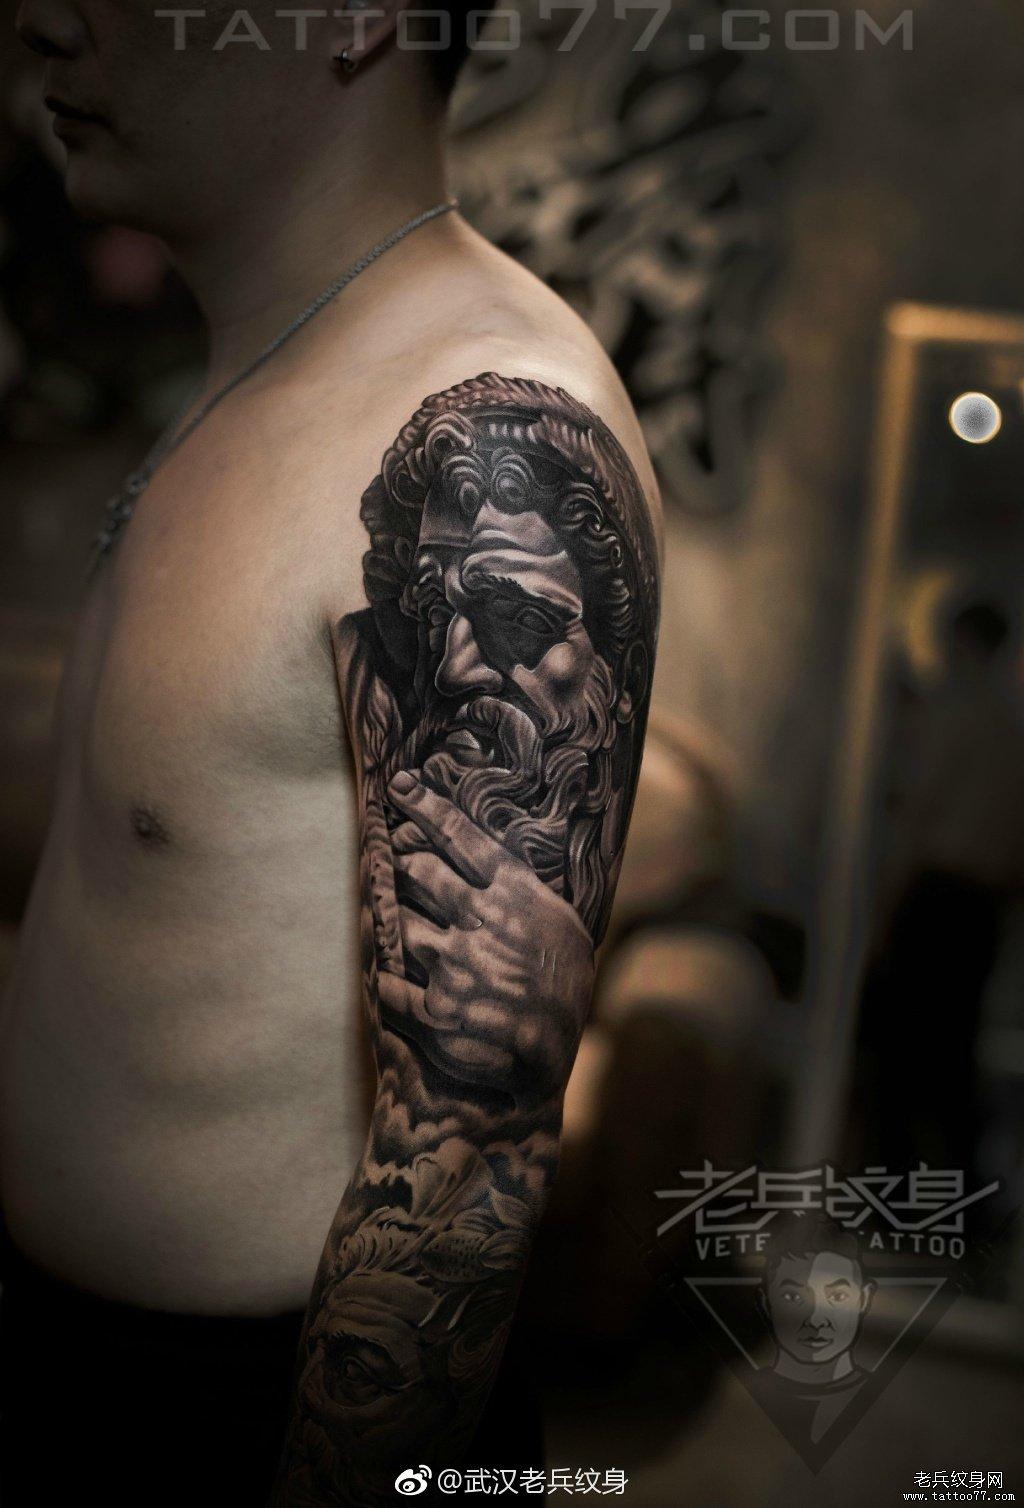 花臂欧美写实人像纹身图案